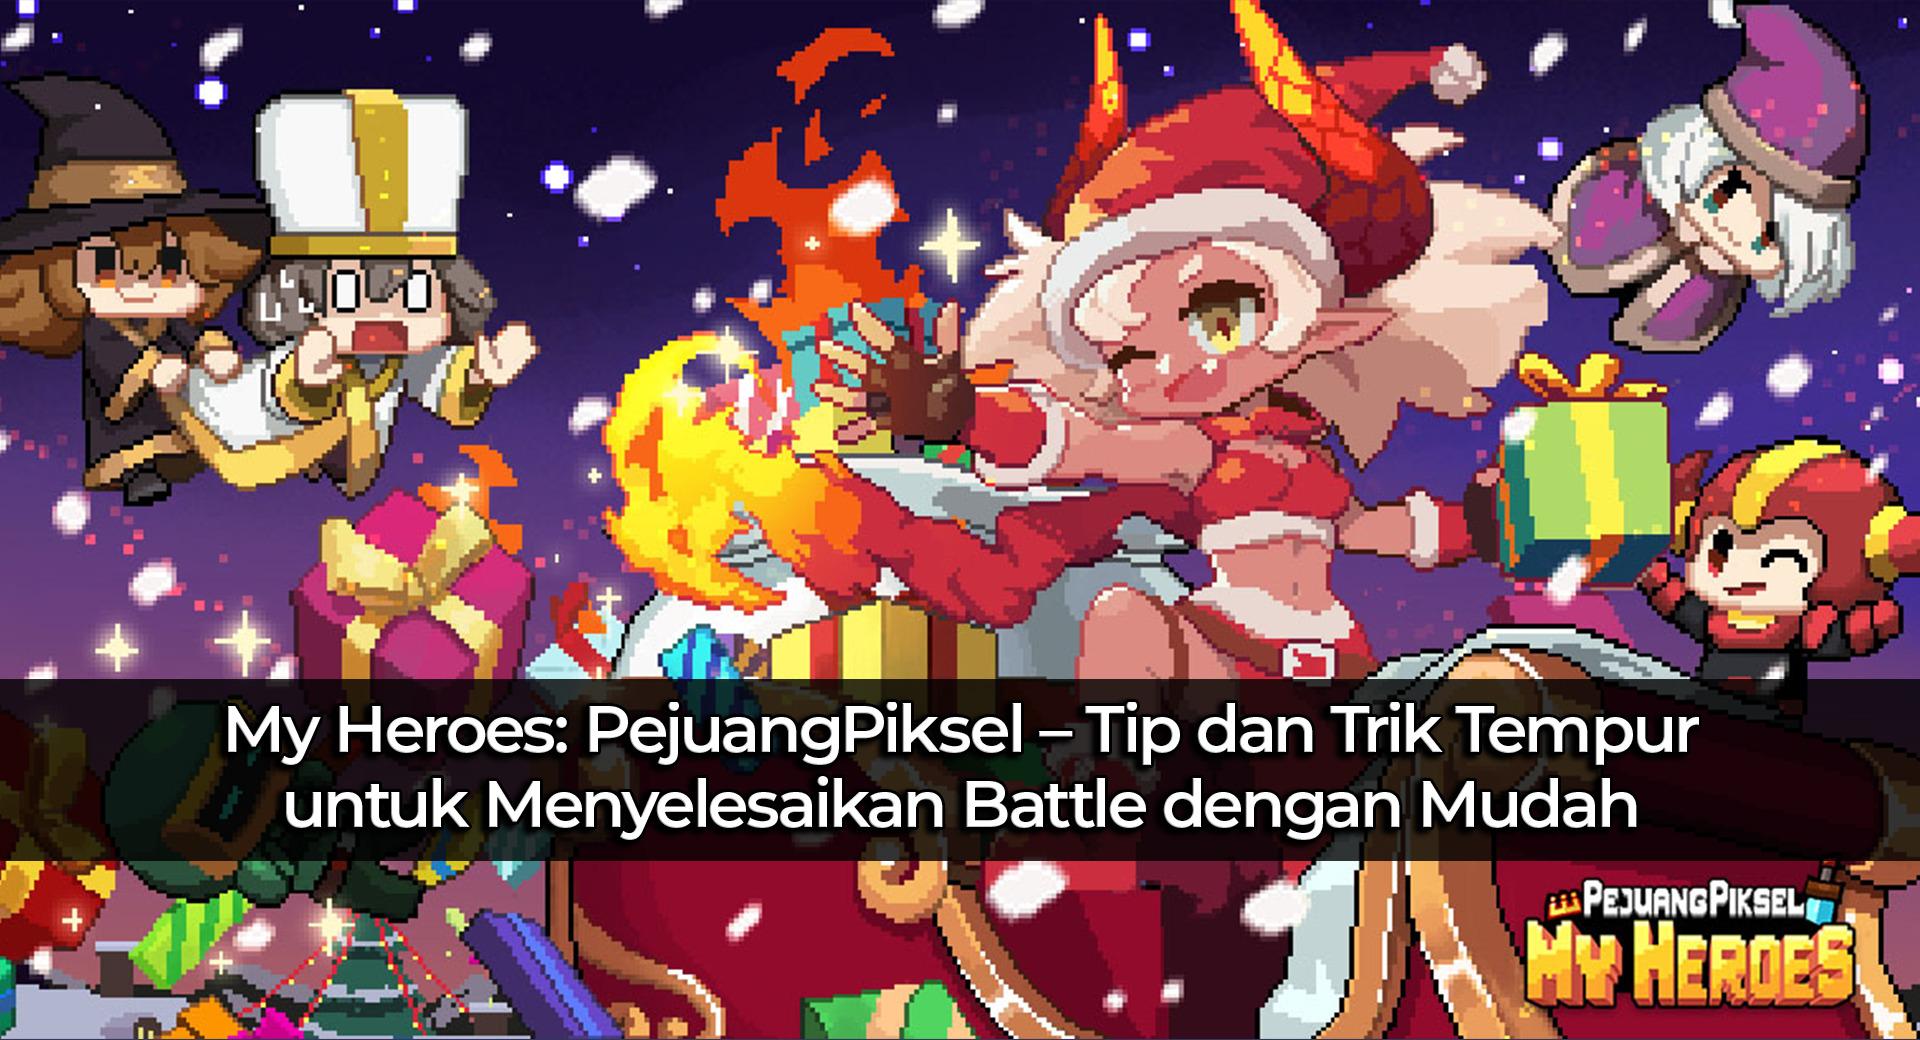 My Heroes: PejuangPiksel – Tip dan Trik Tempur untuk Menyelesaikan Battle dengan Mudah